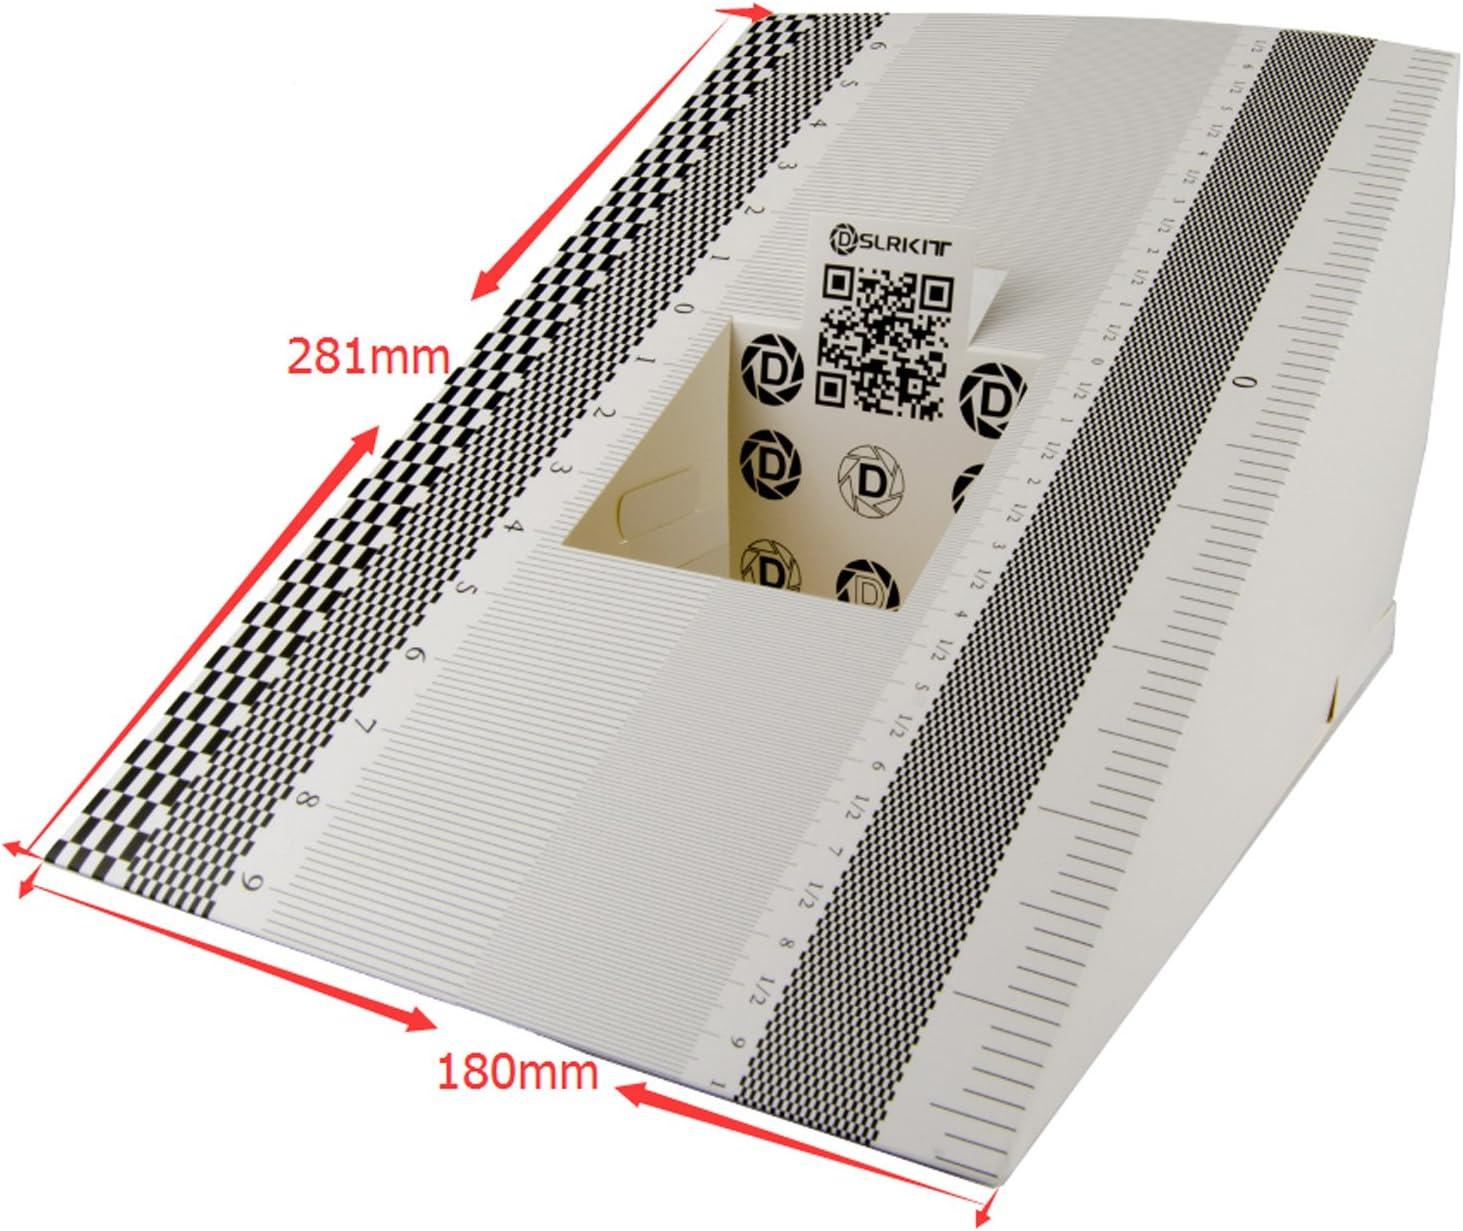 DSLRKIT – 28 x 18 cm lente Focus calibración herramienta alineación regla plegable Tarjeta (Pack de 2): Amazon.es: Electrónica